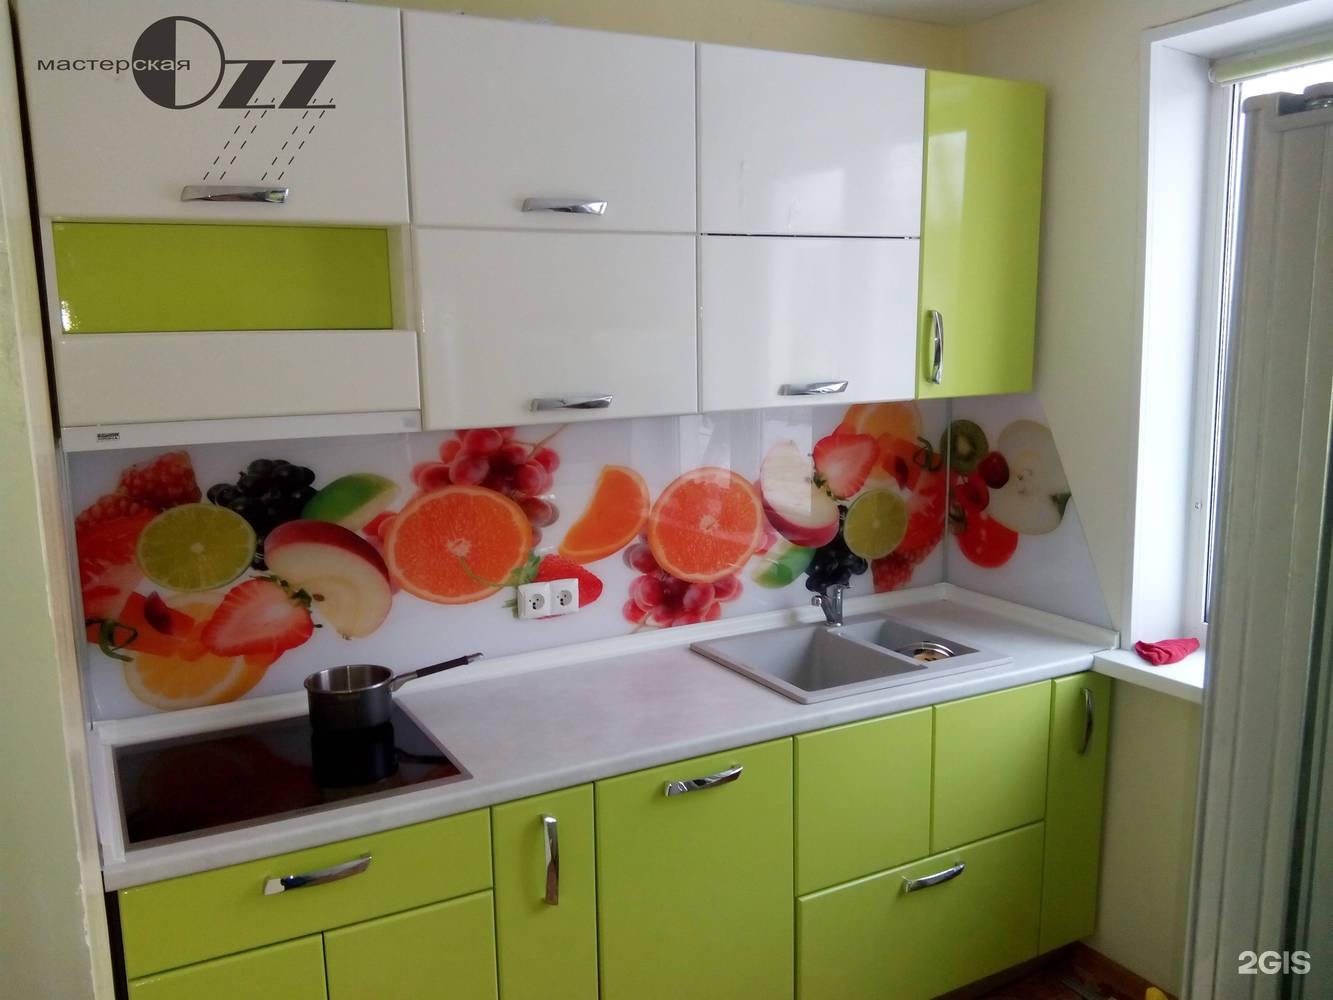 полоску скинали для бело оранжевой кухни цветы фото подчеркнуть дизайн интерьера